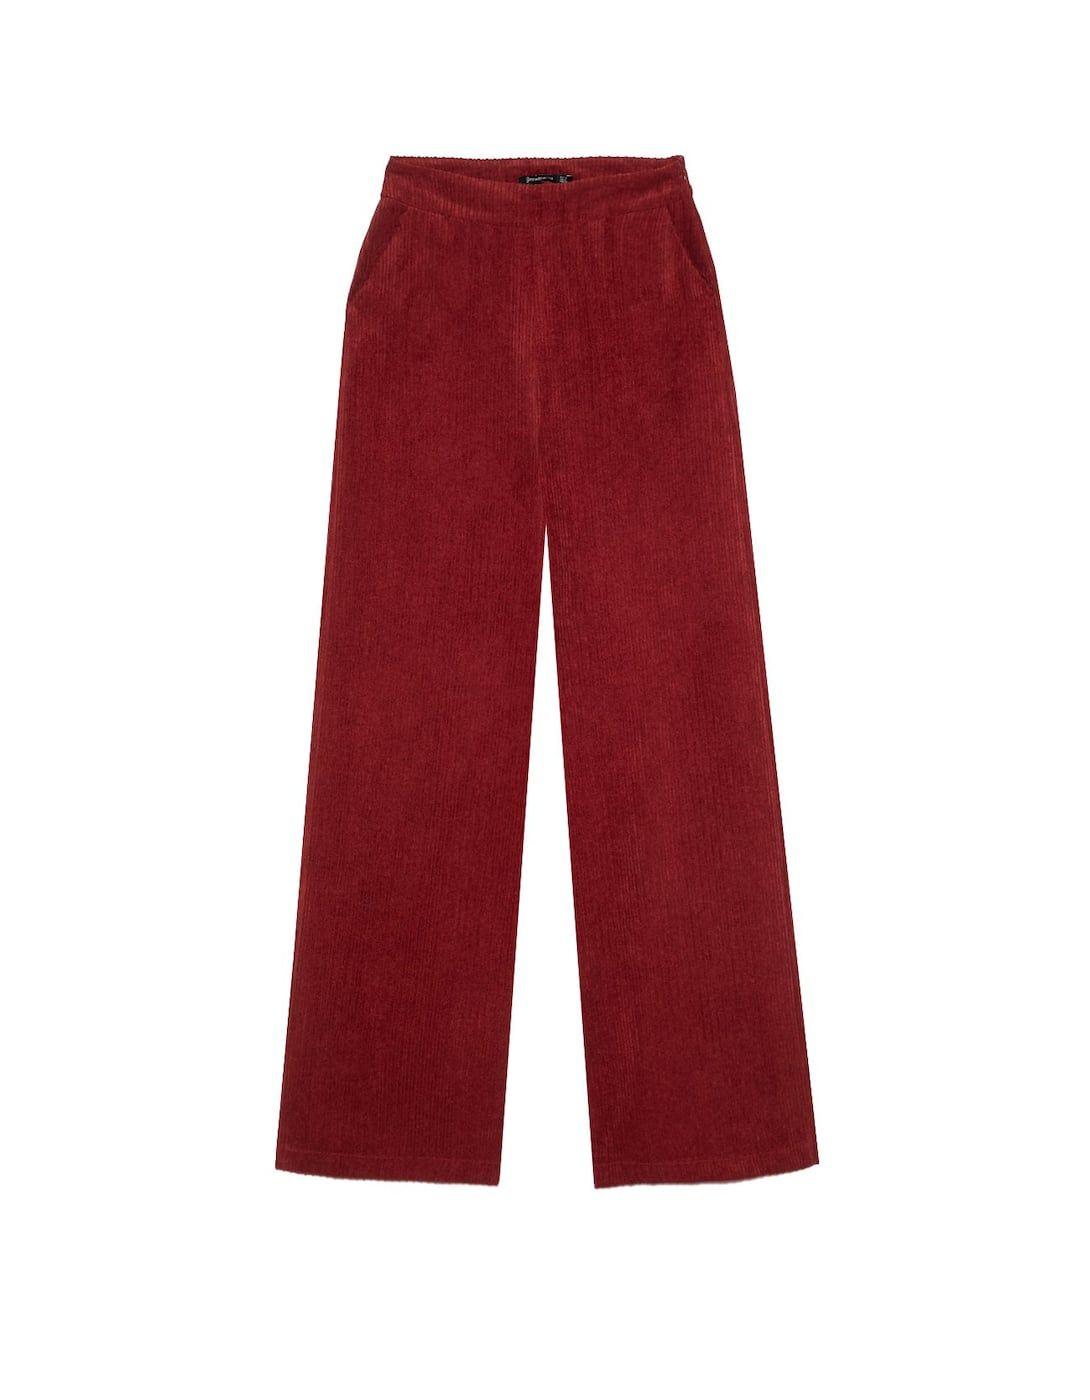 Pantalón de pana ancho - Nuevo de mujer  4b0e8645c672